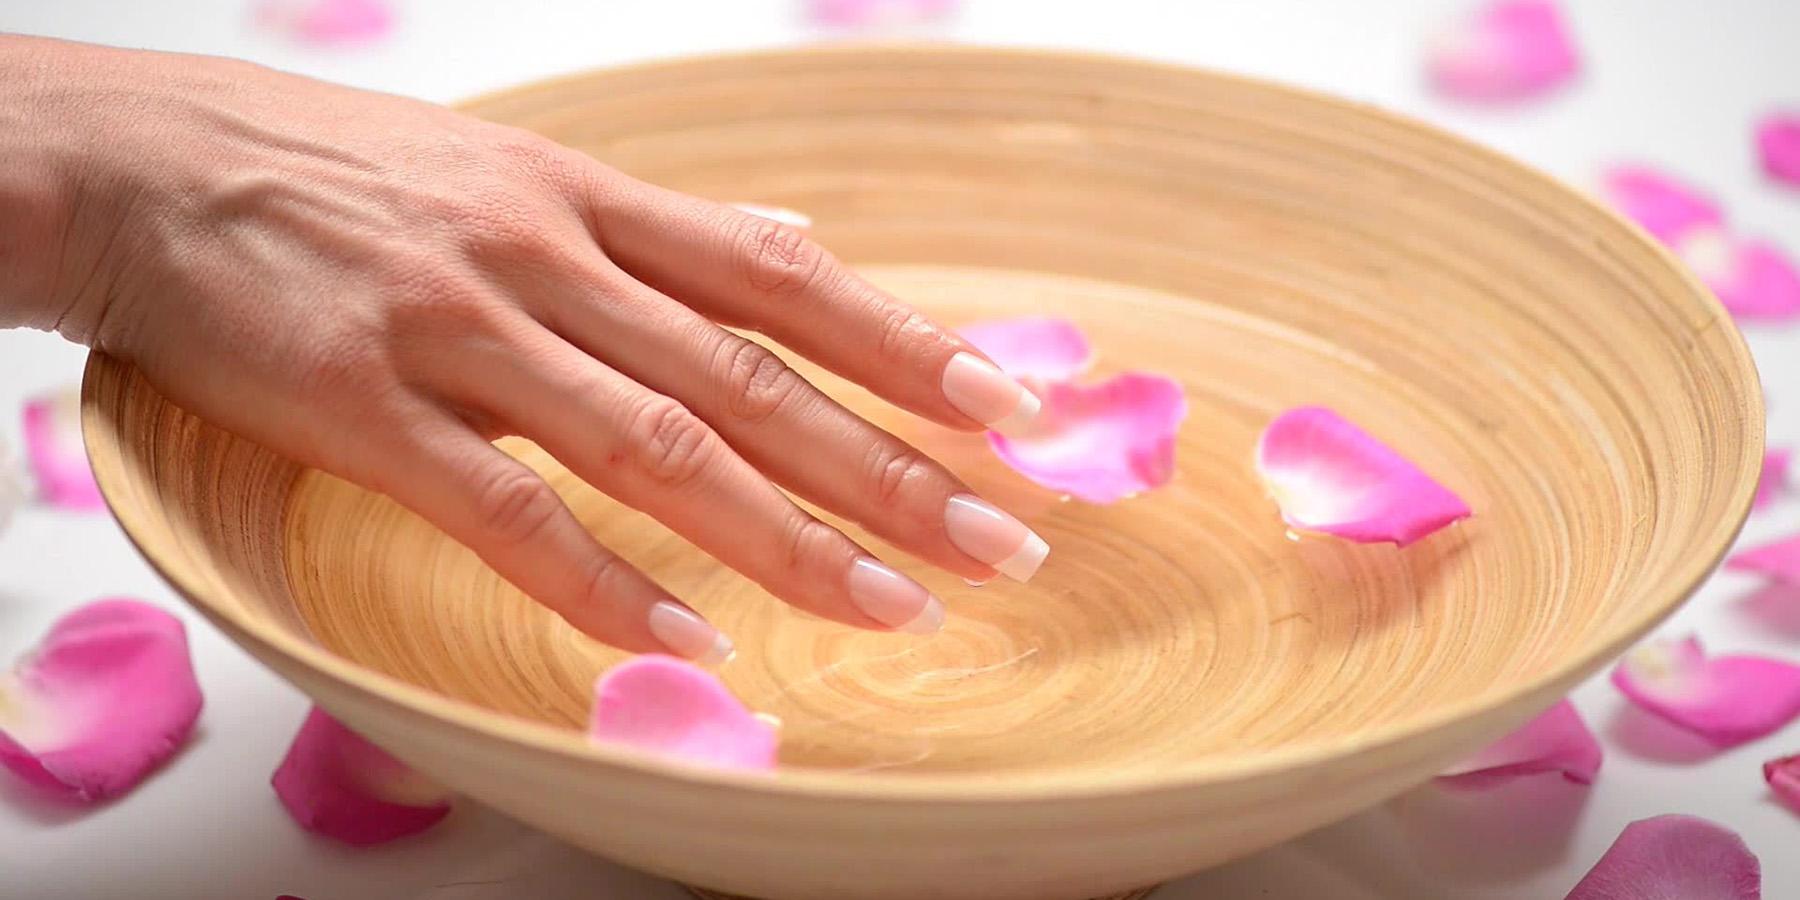 Топ-5 лучших средств для ухода за ногтями